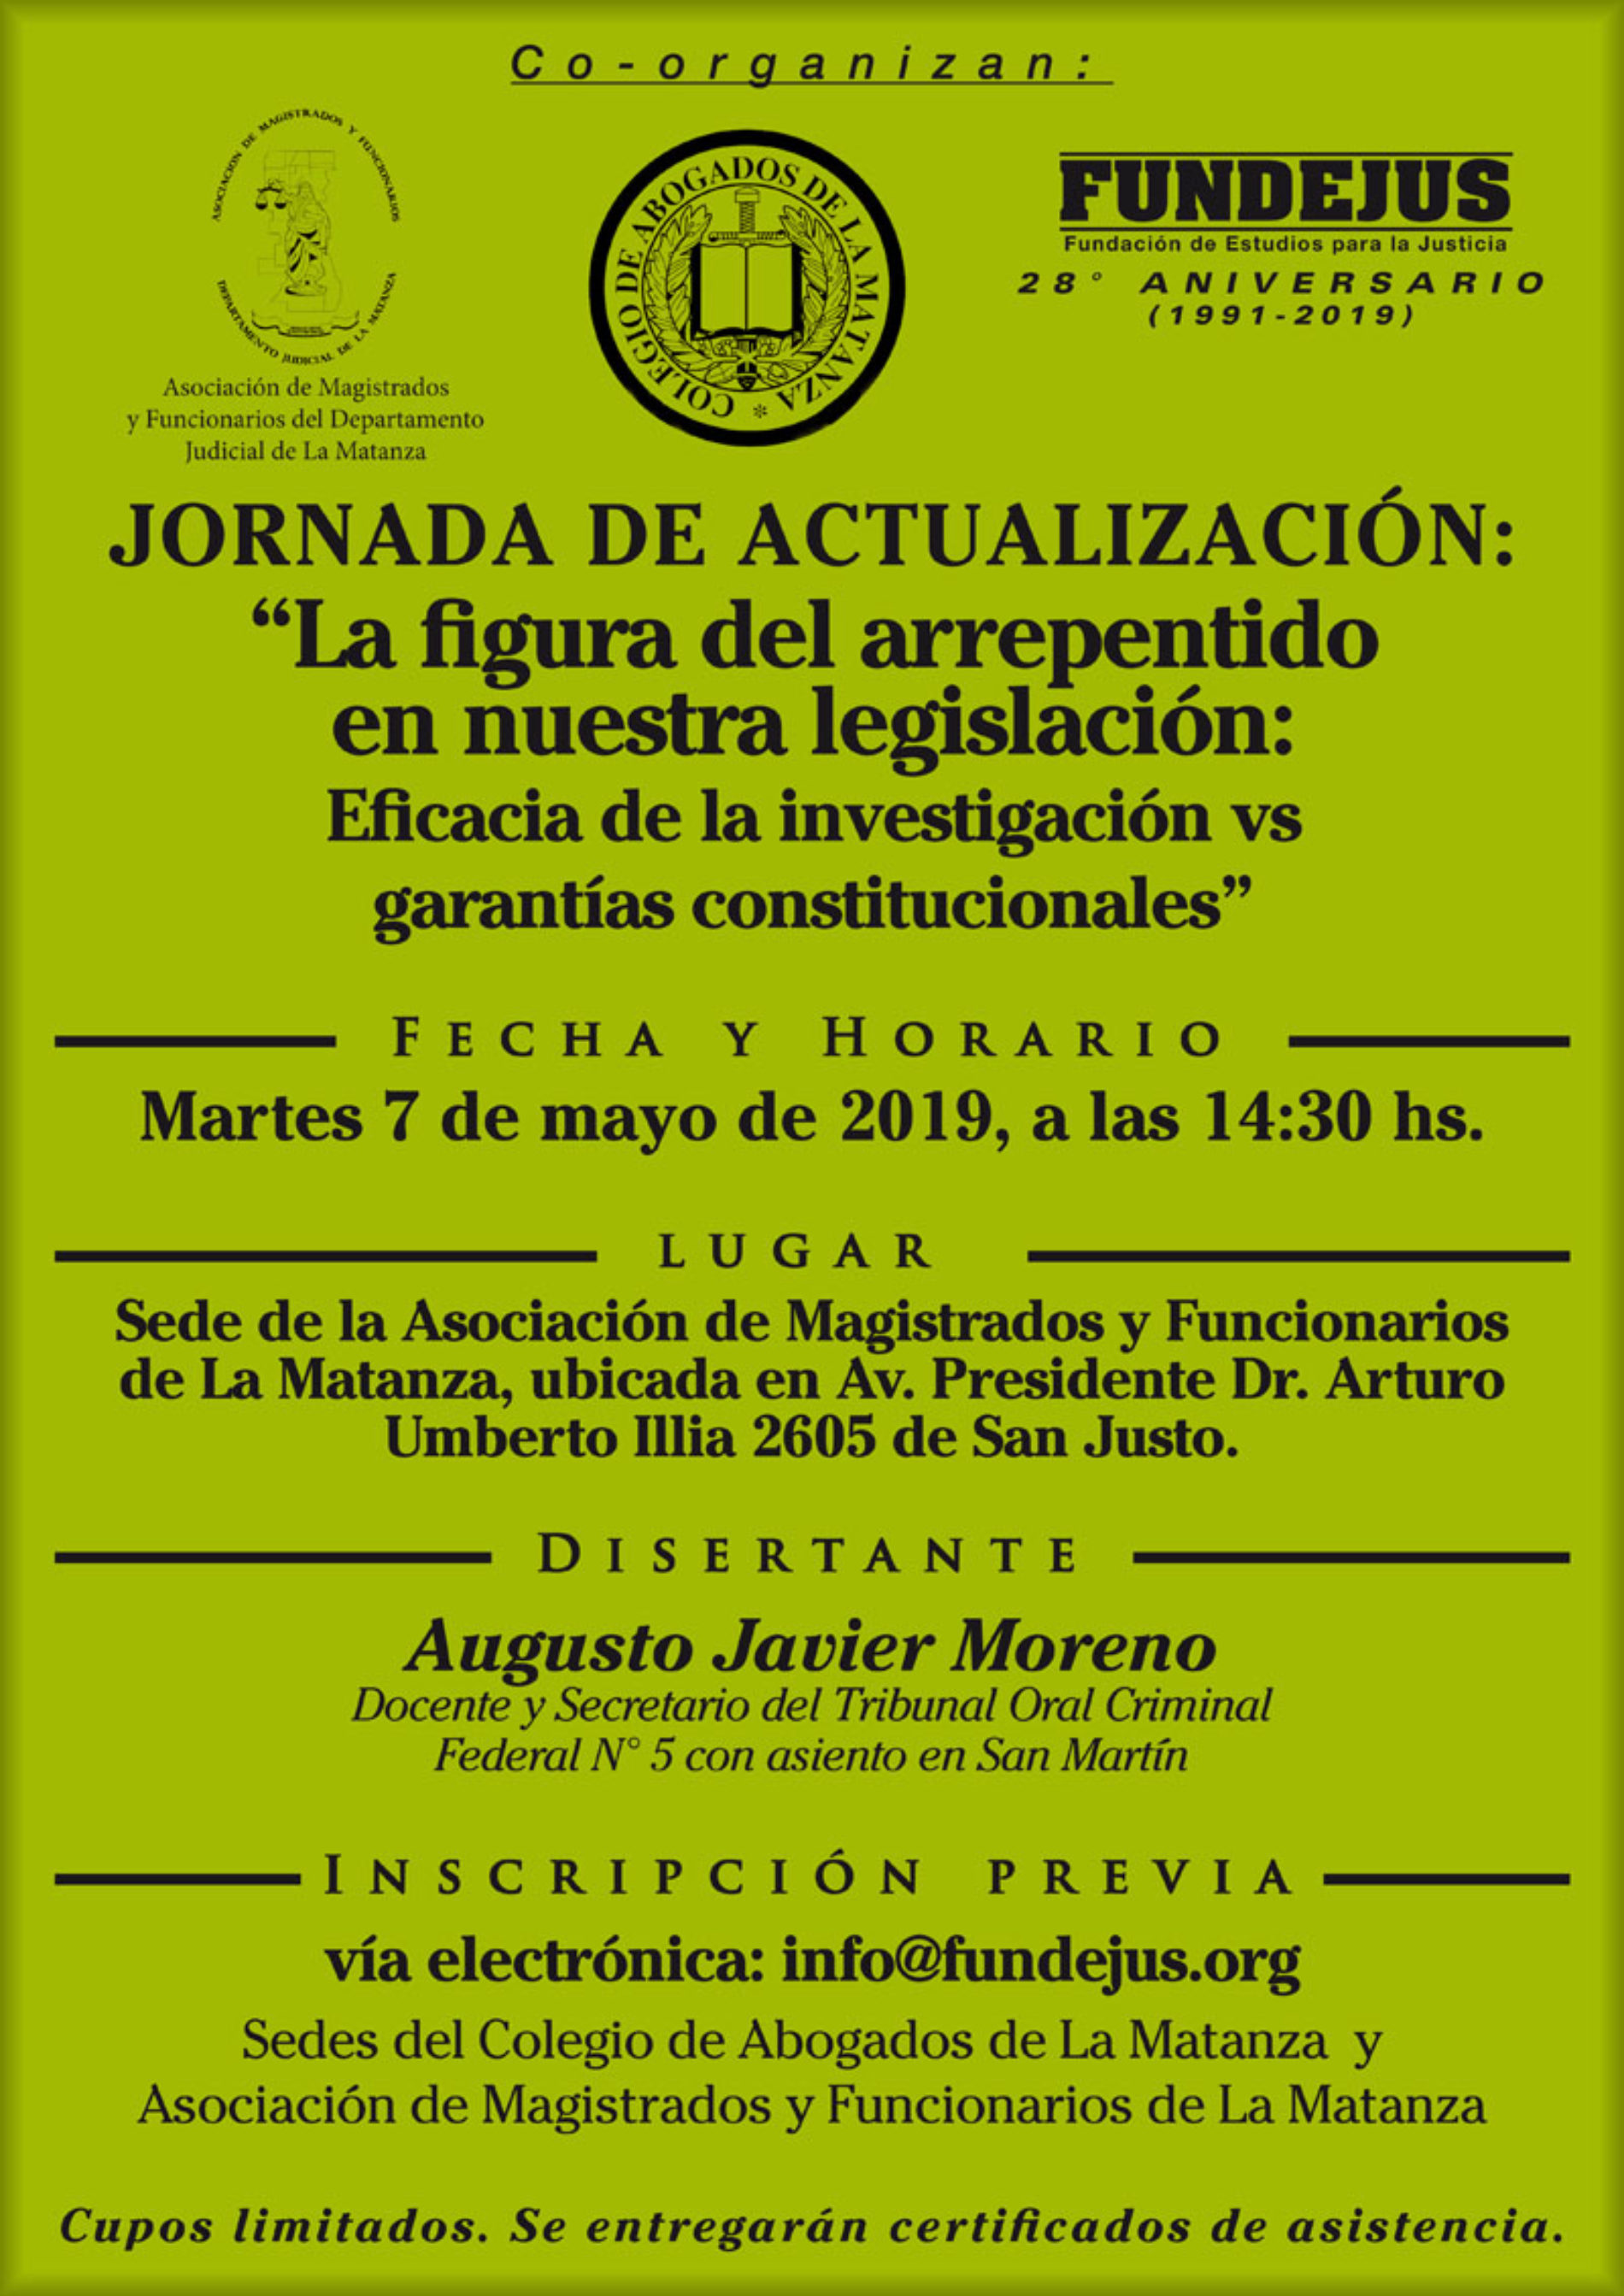 """Jornada de actualización: """" La figura del arrepentido en nuestra legislación: Eficacia de la investigación vs. garantías constitucionales """" ( La Matanza )"""